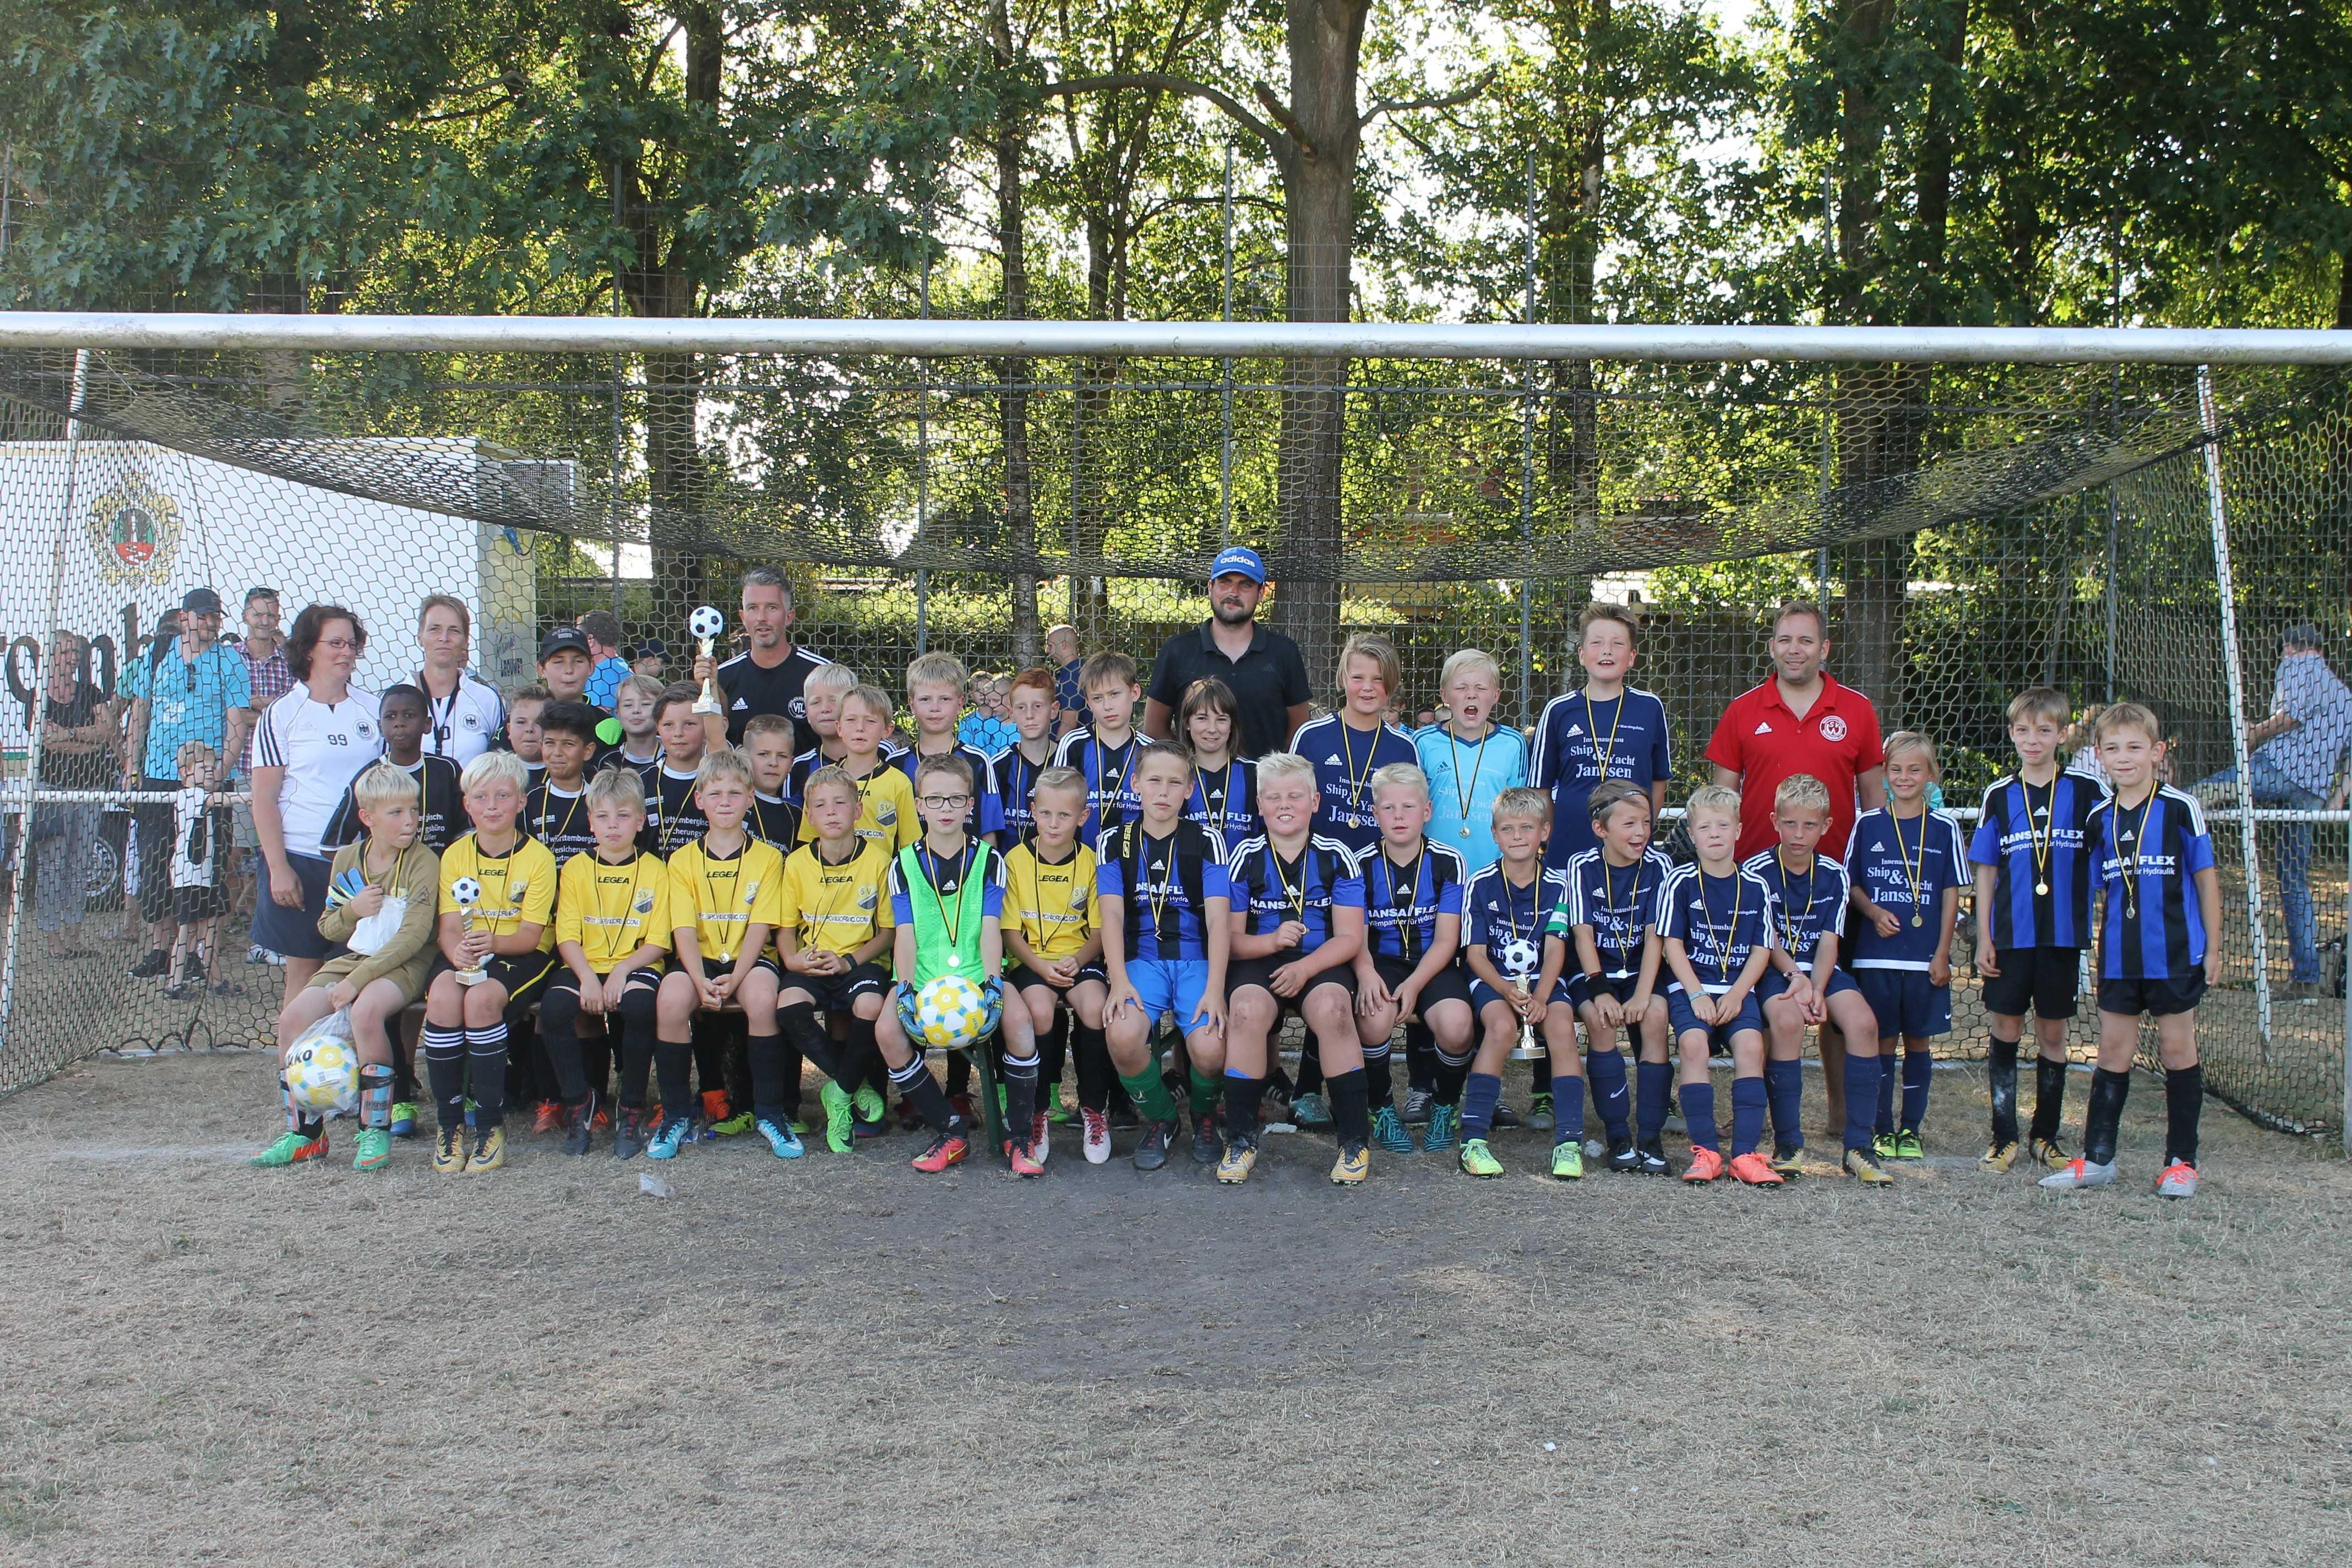 2018-08-05 Sportwoche - Jugendtag (125)